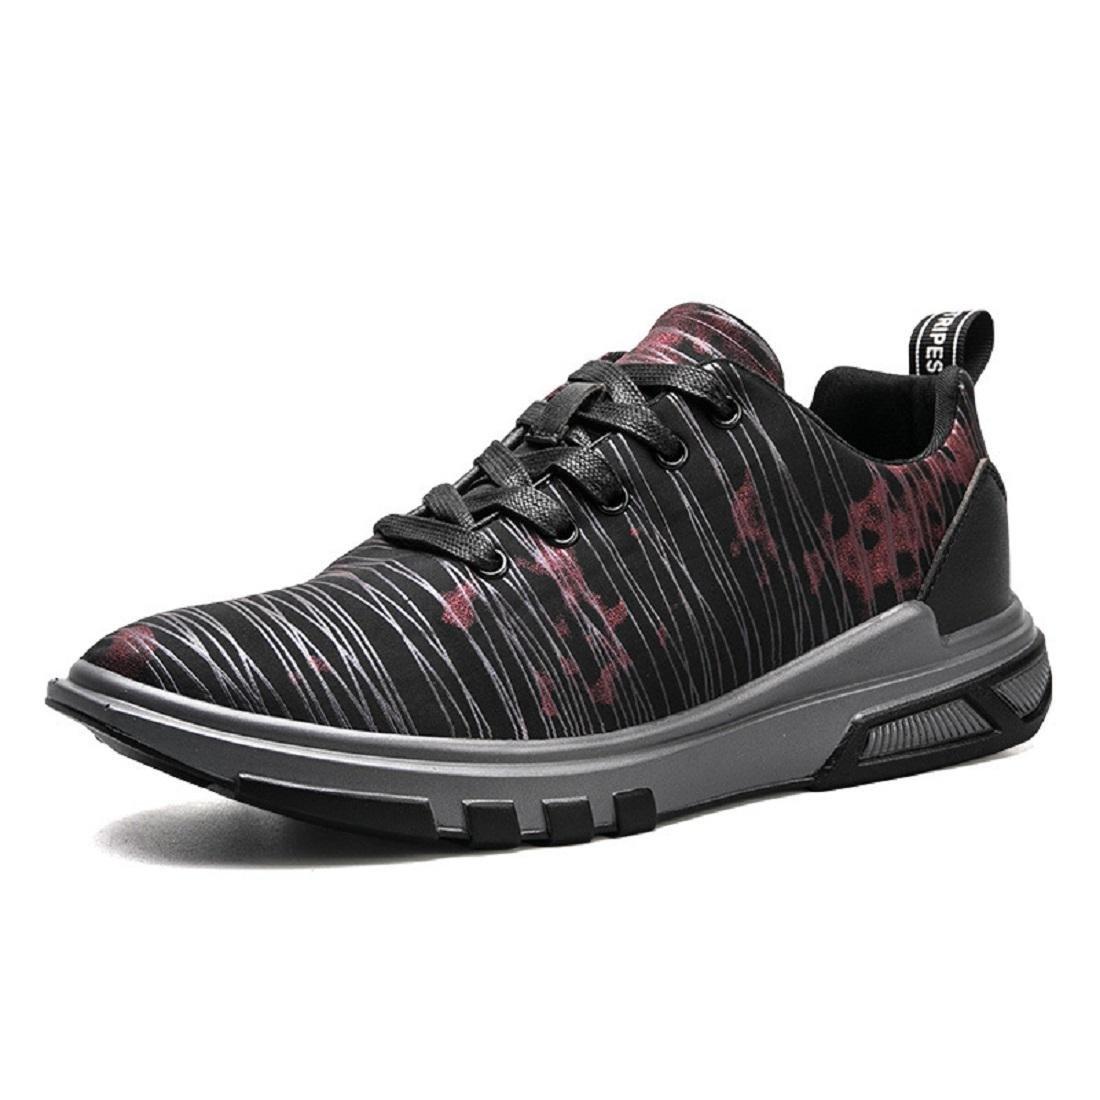 Herren Atmungsaktiv Mode Laufschuhe Atmungsaktiv Herren Sportschuhe Trainer Flache Schuhe Lässige Schuhe Draussen Licht EUR GRÖSSE 39-44 8bde39